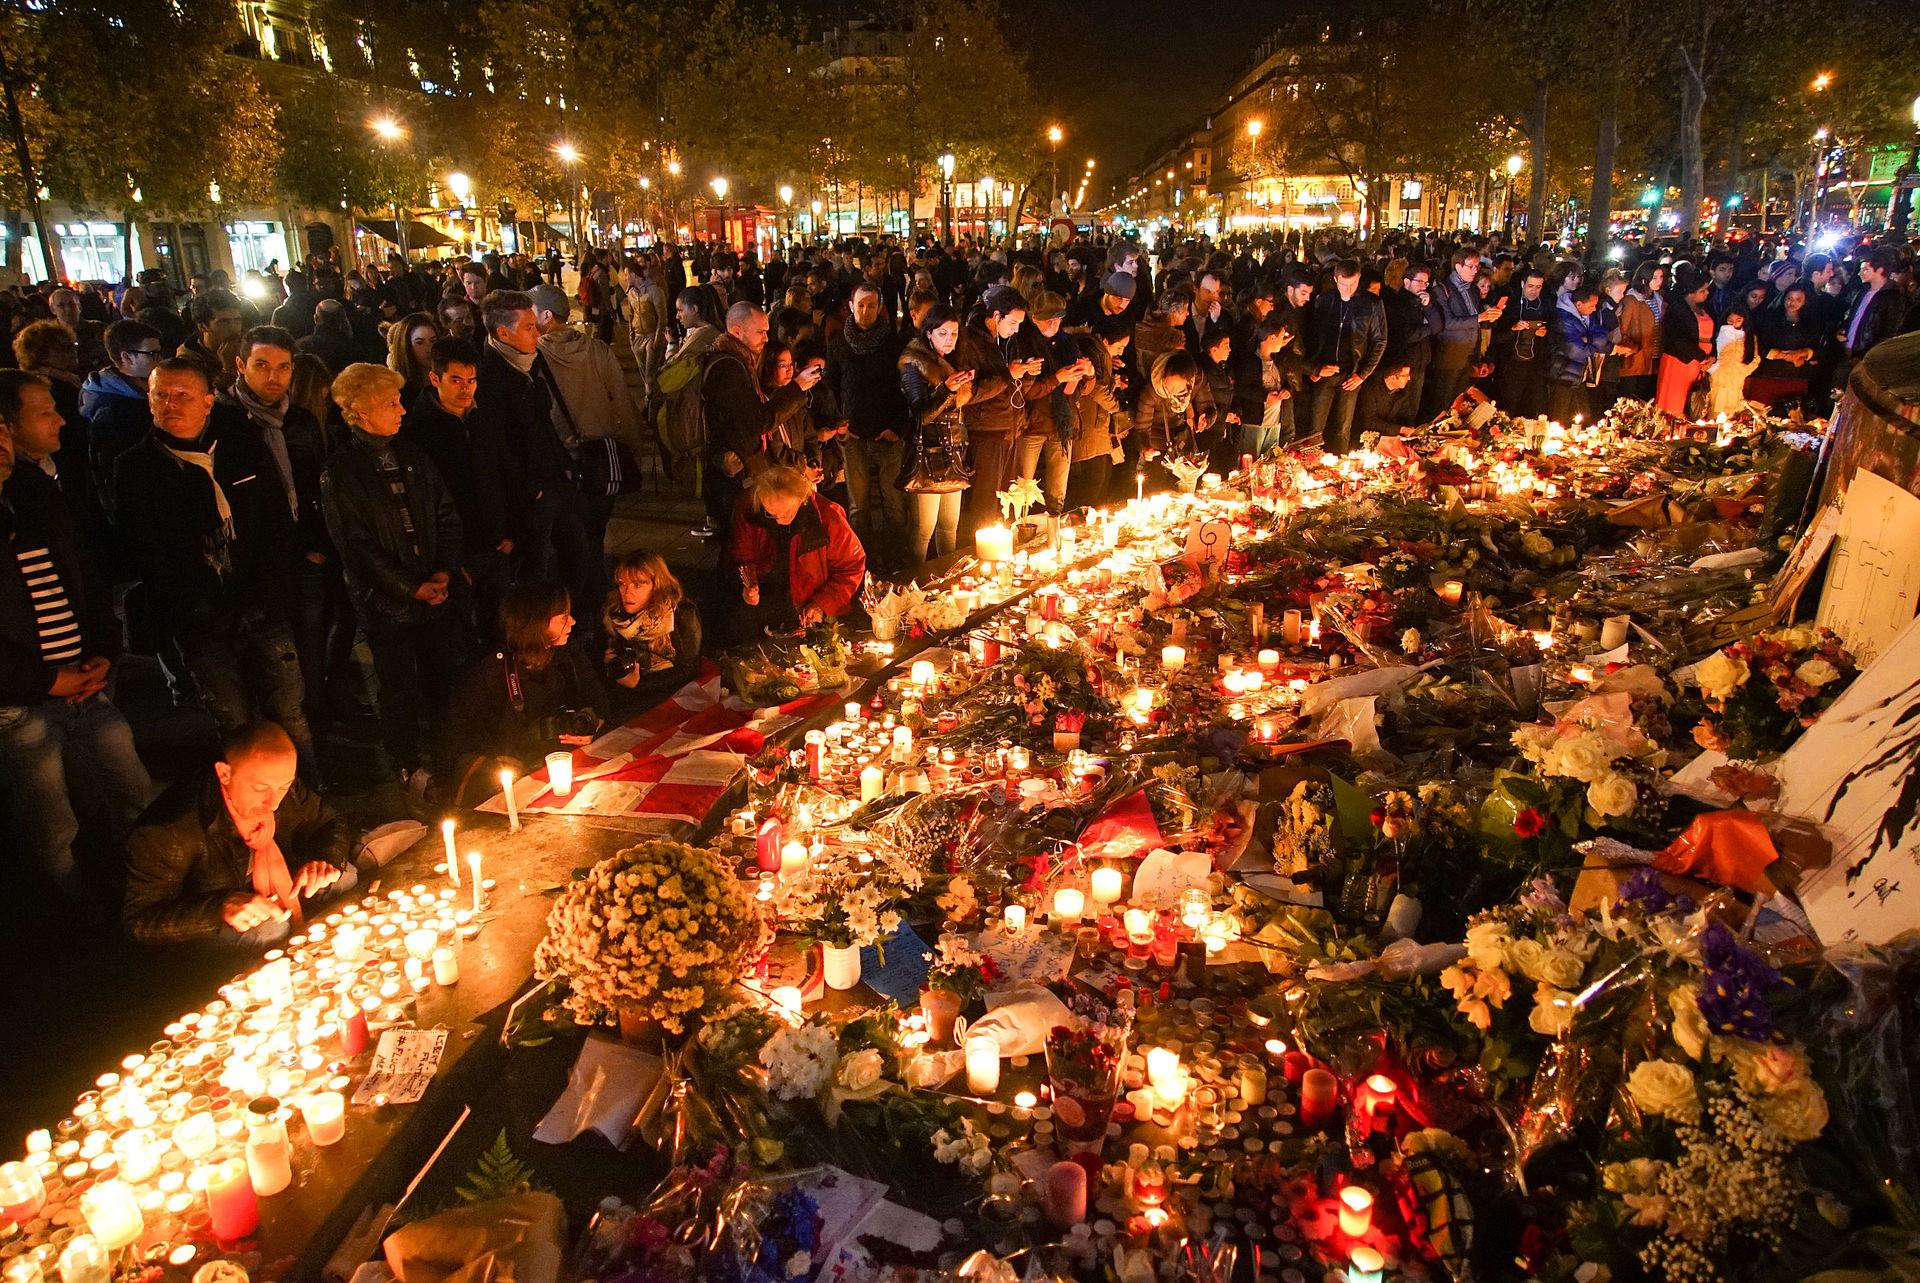 Ricordo degli attacchi di Parigi